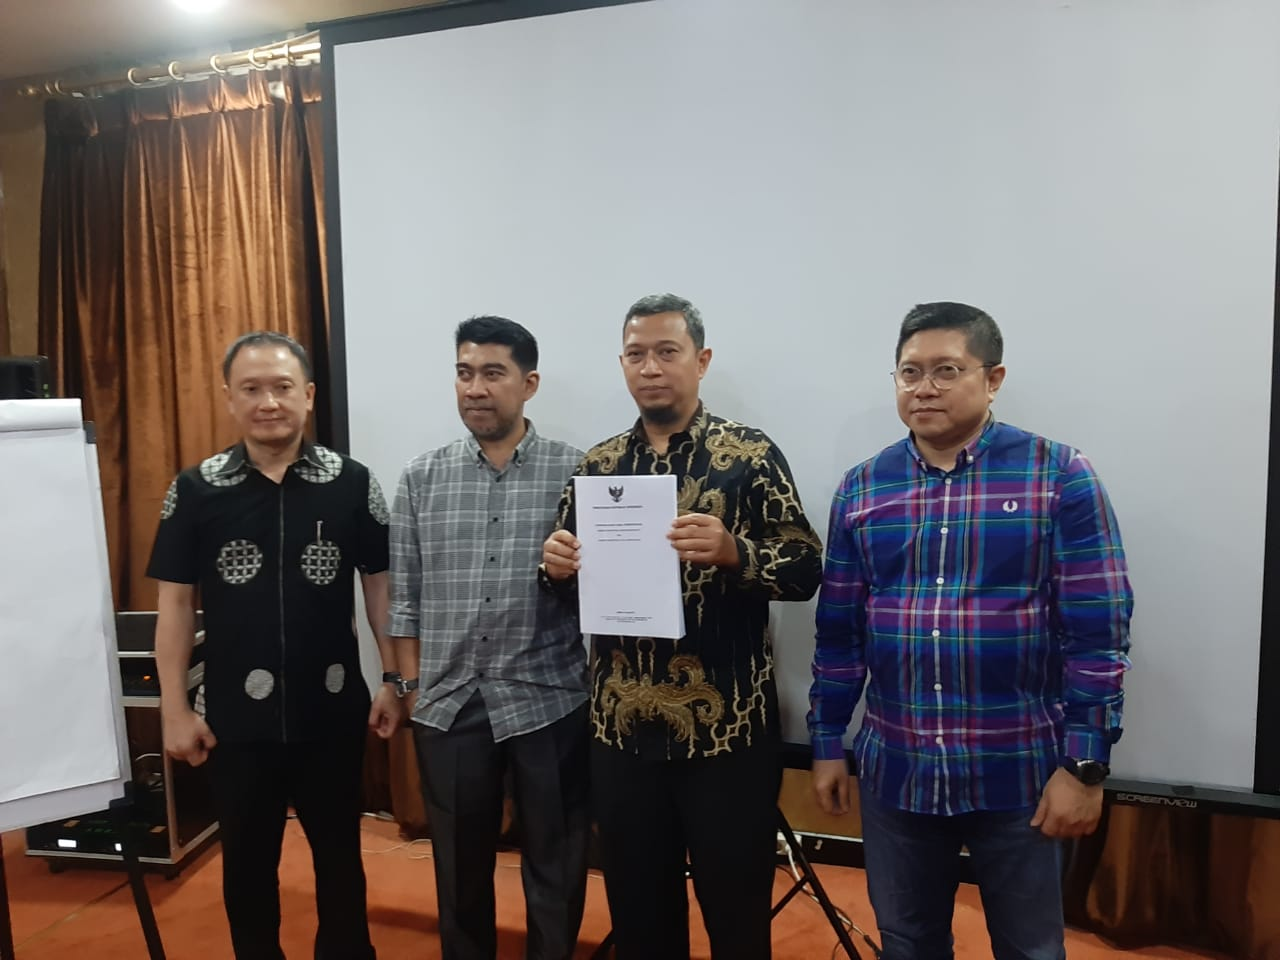 Ada Maladministrasi, Ombudsman Rekomendasikan Pencabutan Izin Tambang di Papua.